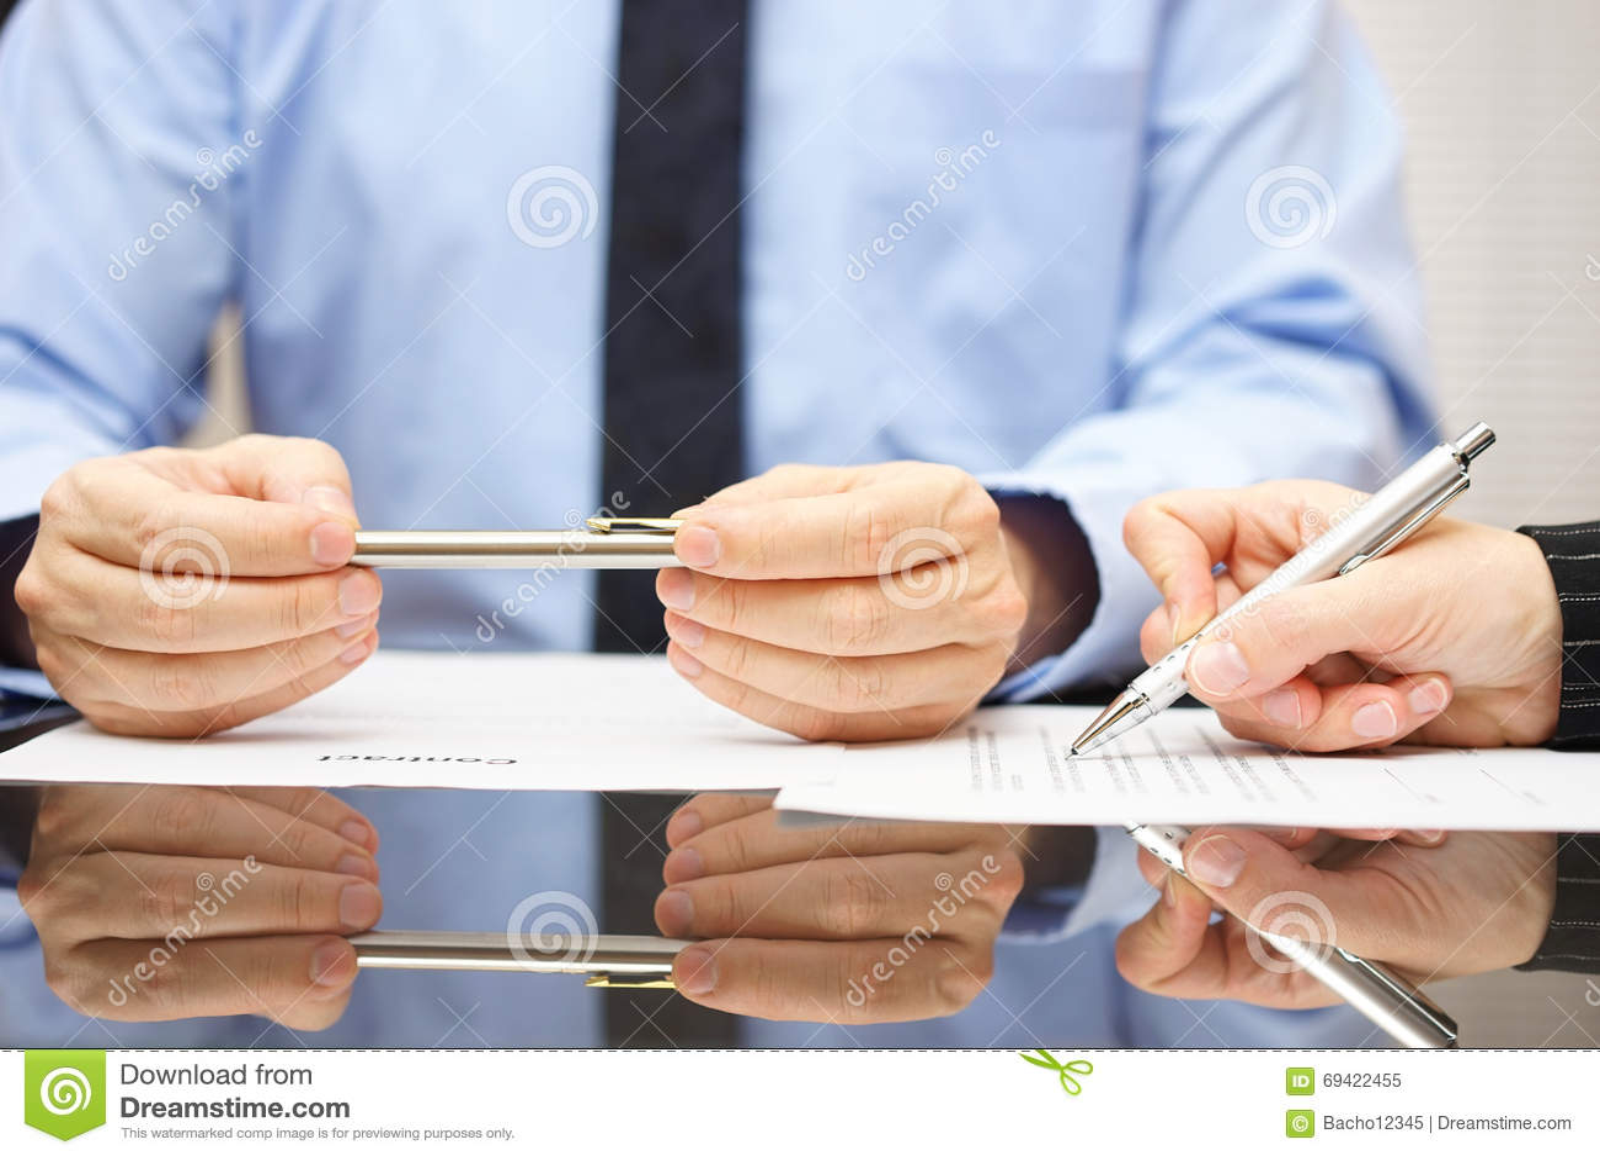 Ο πληρεξούσιος είναι σύμβαση σχολιασμού έτσι ο πελάτης μπορεί να καταλάβει το consequ